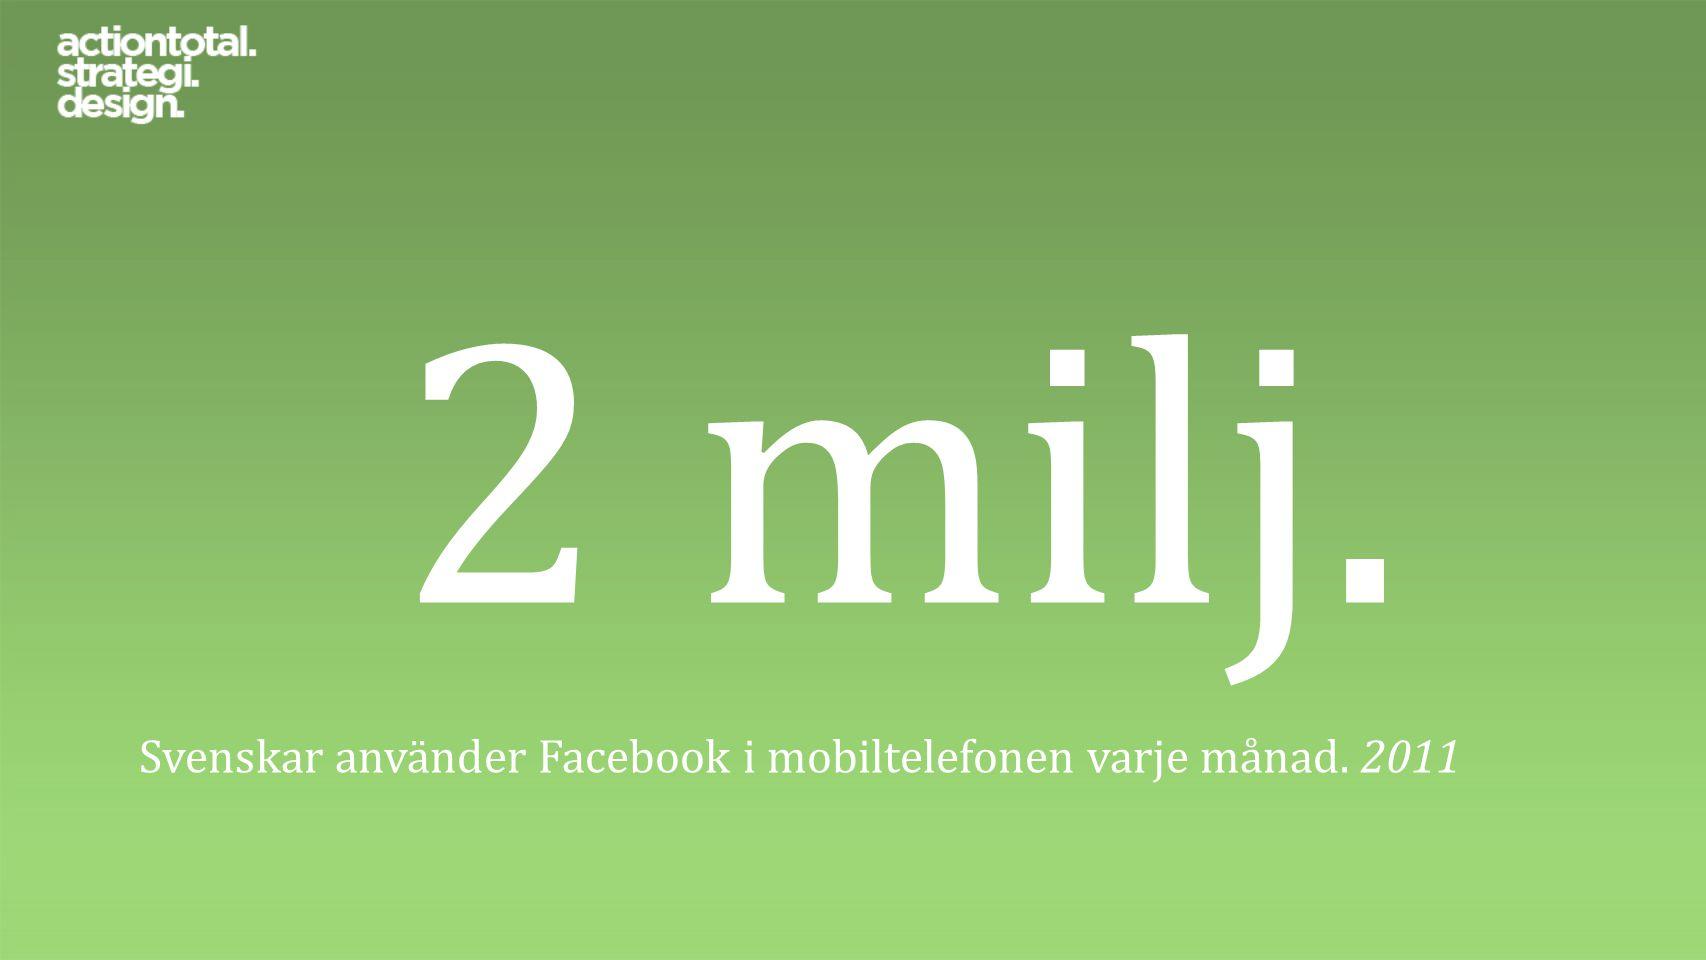 2 milj. Svenskar använder Facebook i mobiltelefonen varje månad. 2011